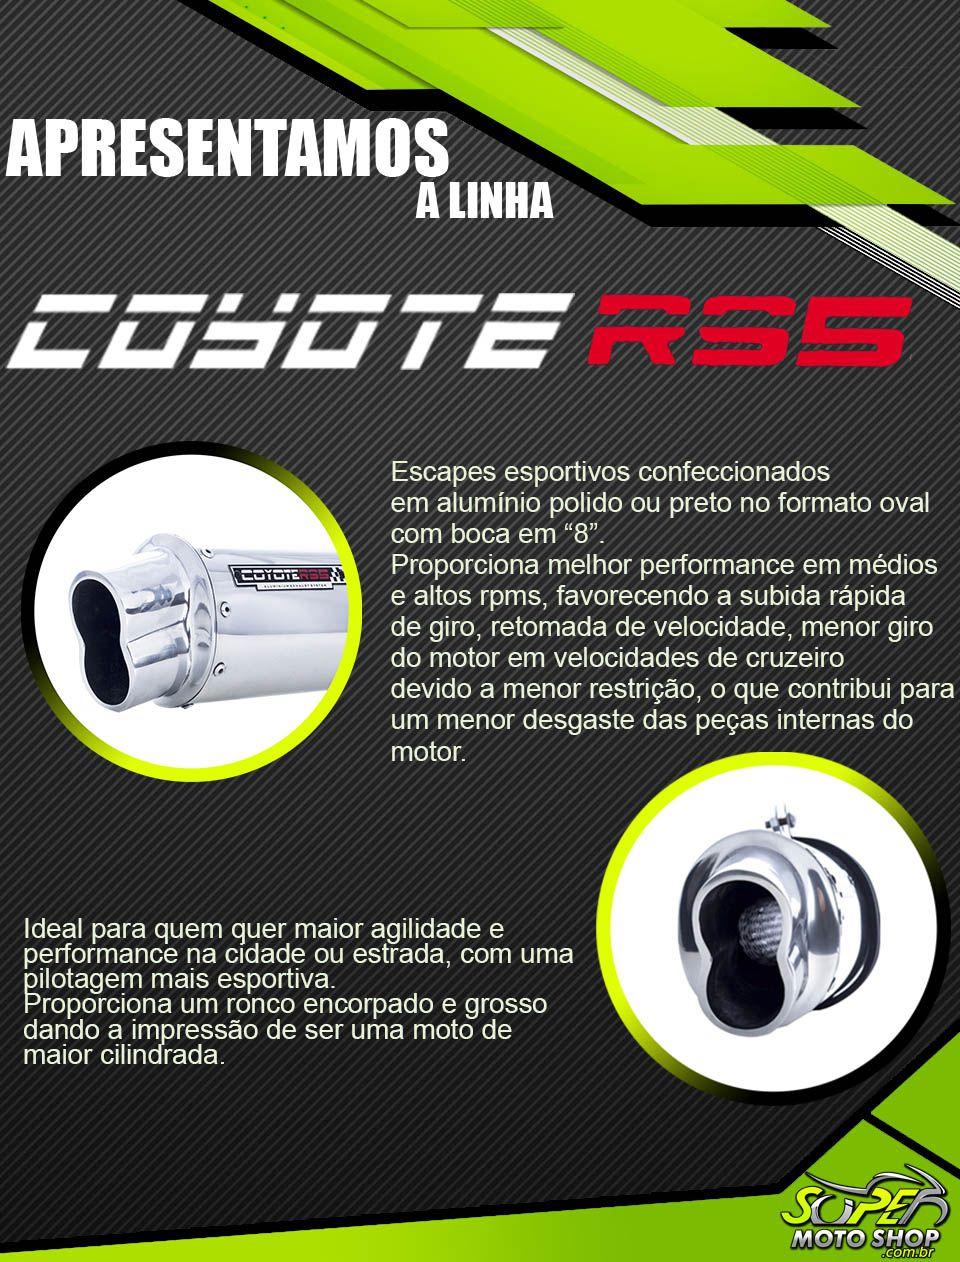 Escape / Ponteira Coyote RS5 Boca 8 Aluminio Oval - Lander XTZ 250 até 2018 - Yamaha